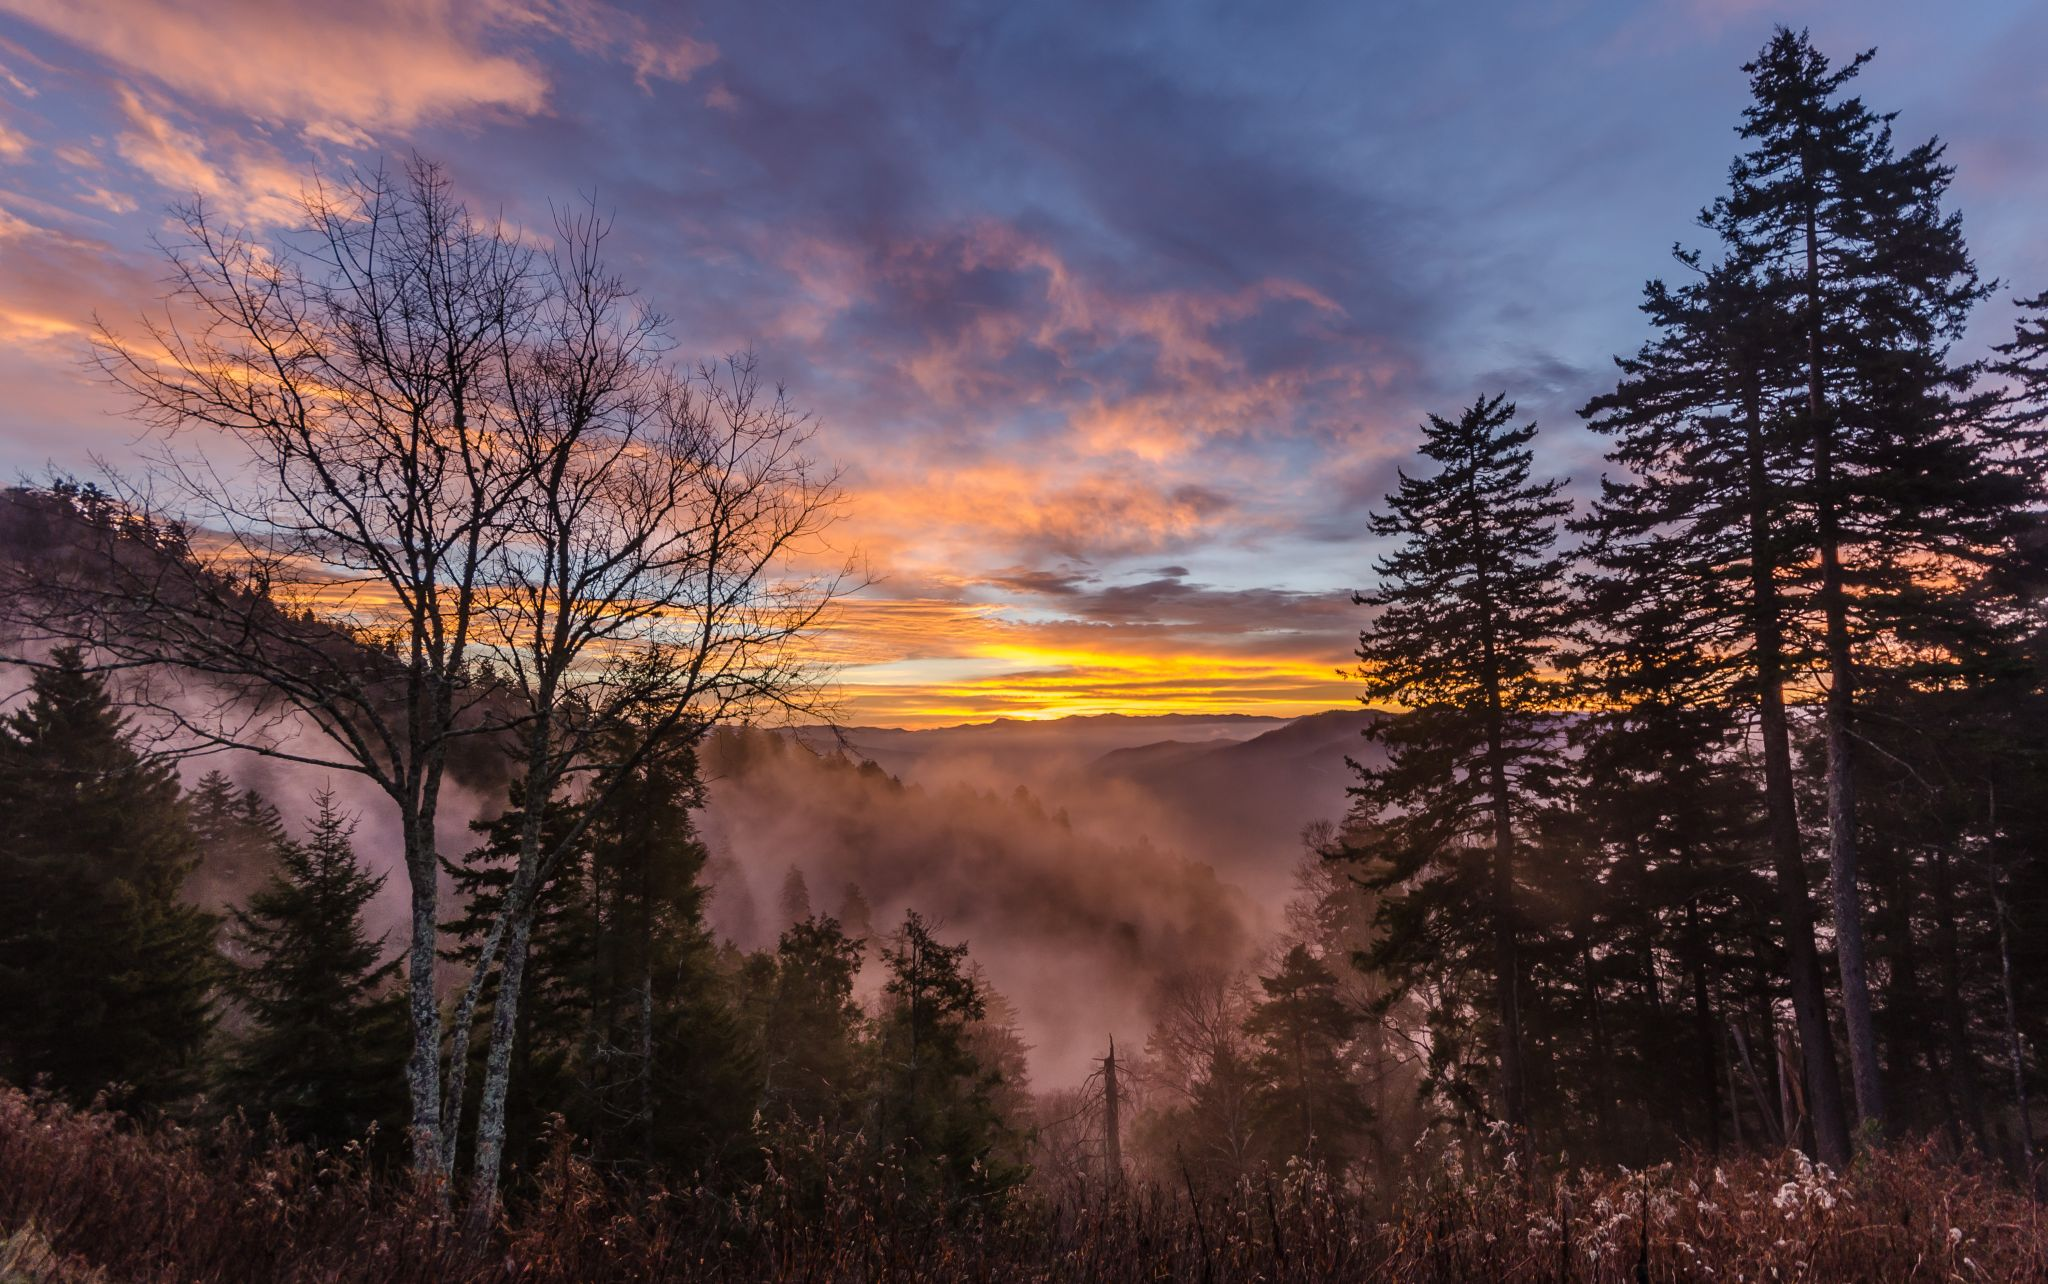 Sunrise at Newfound Gap, USA